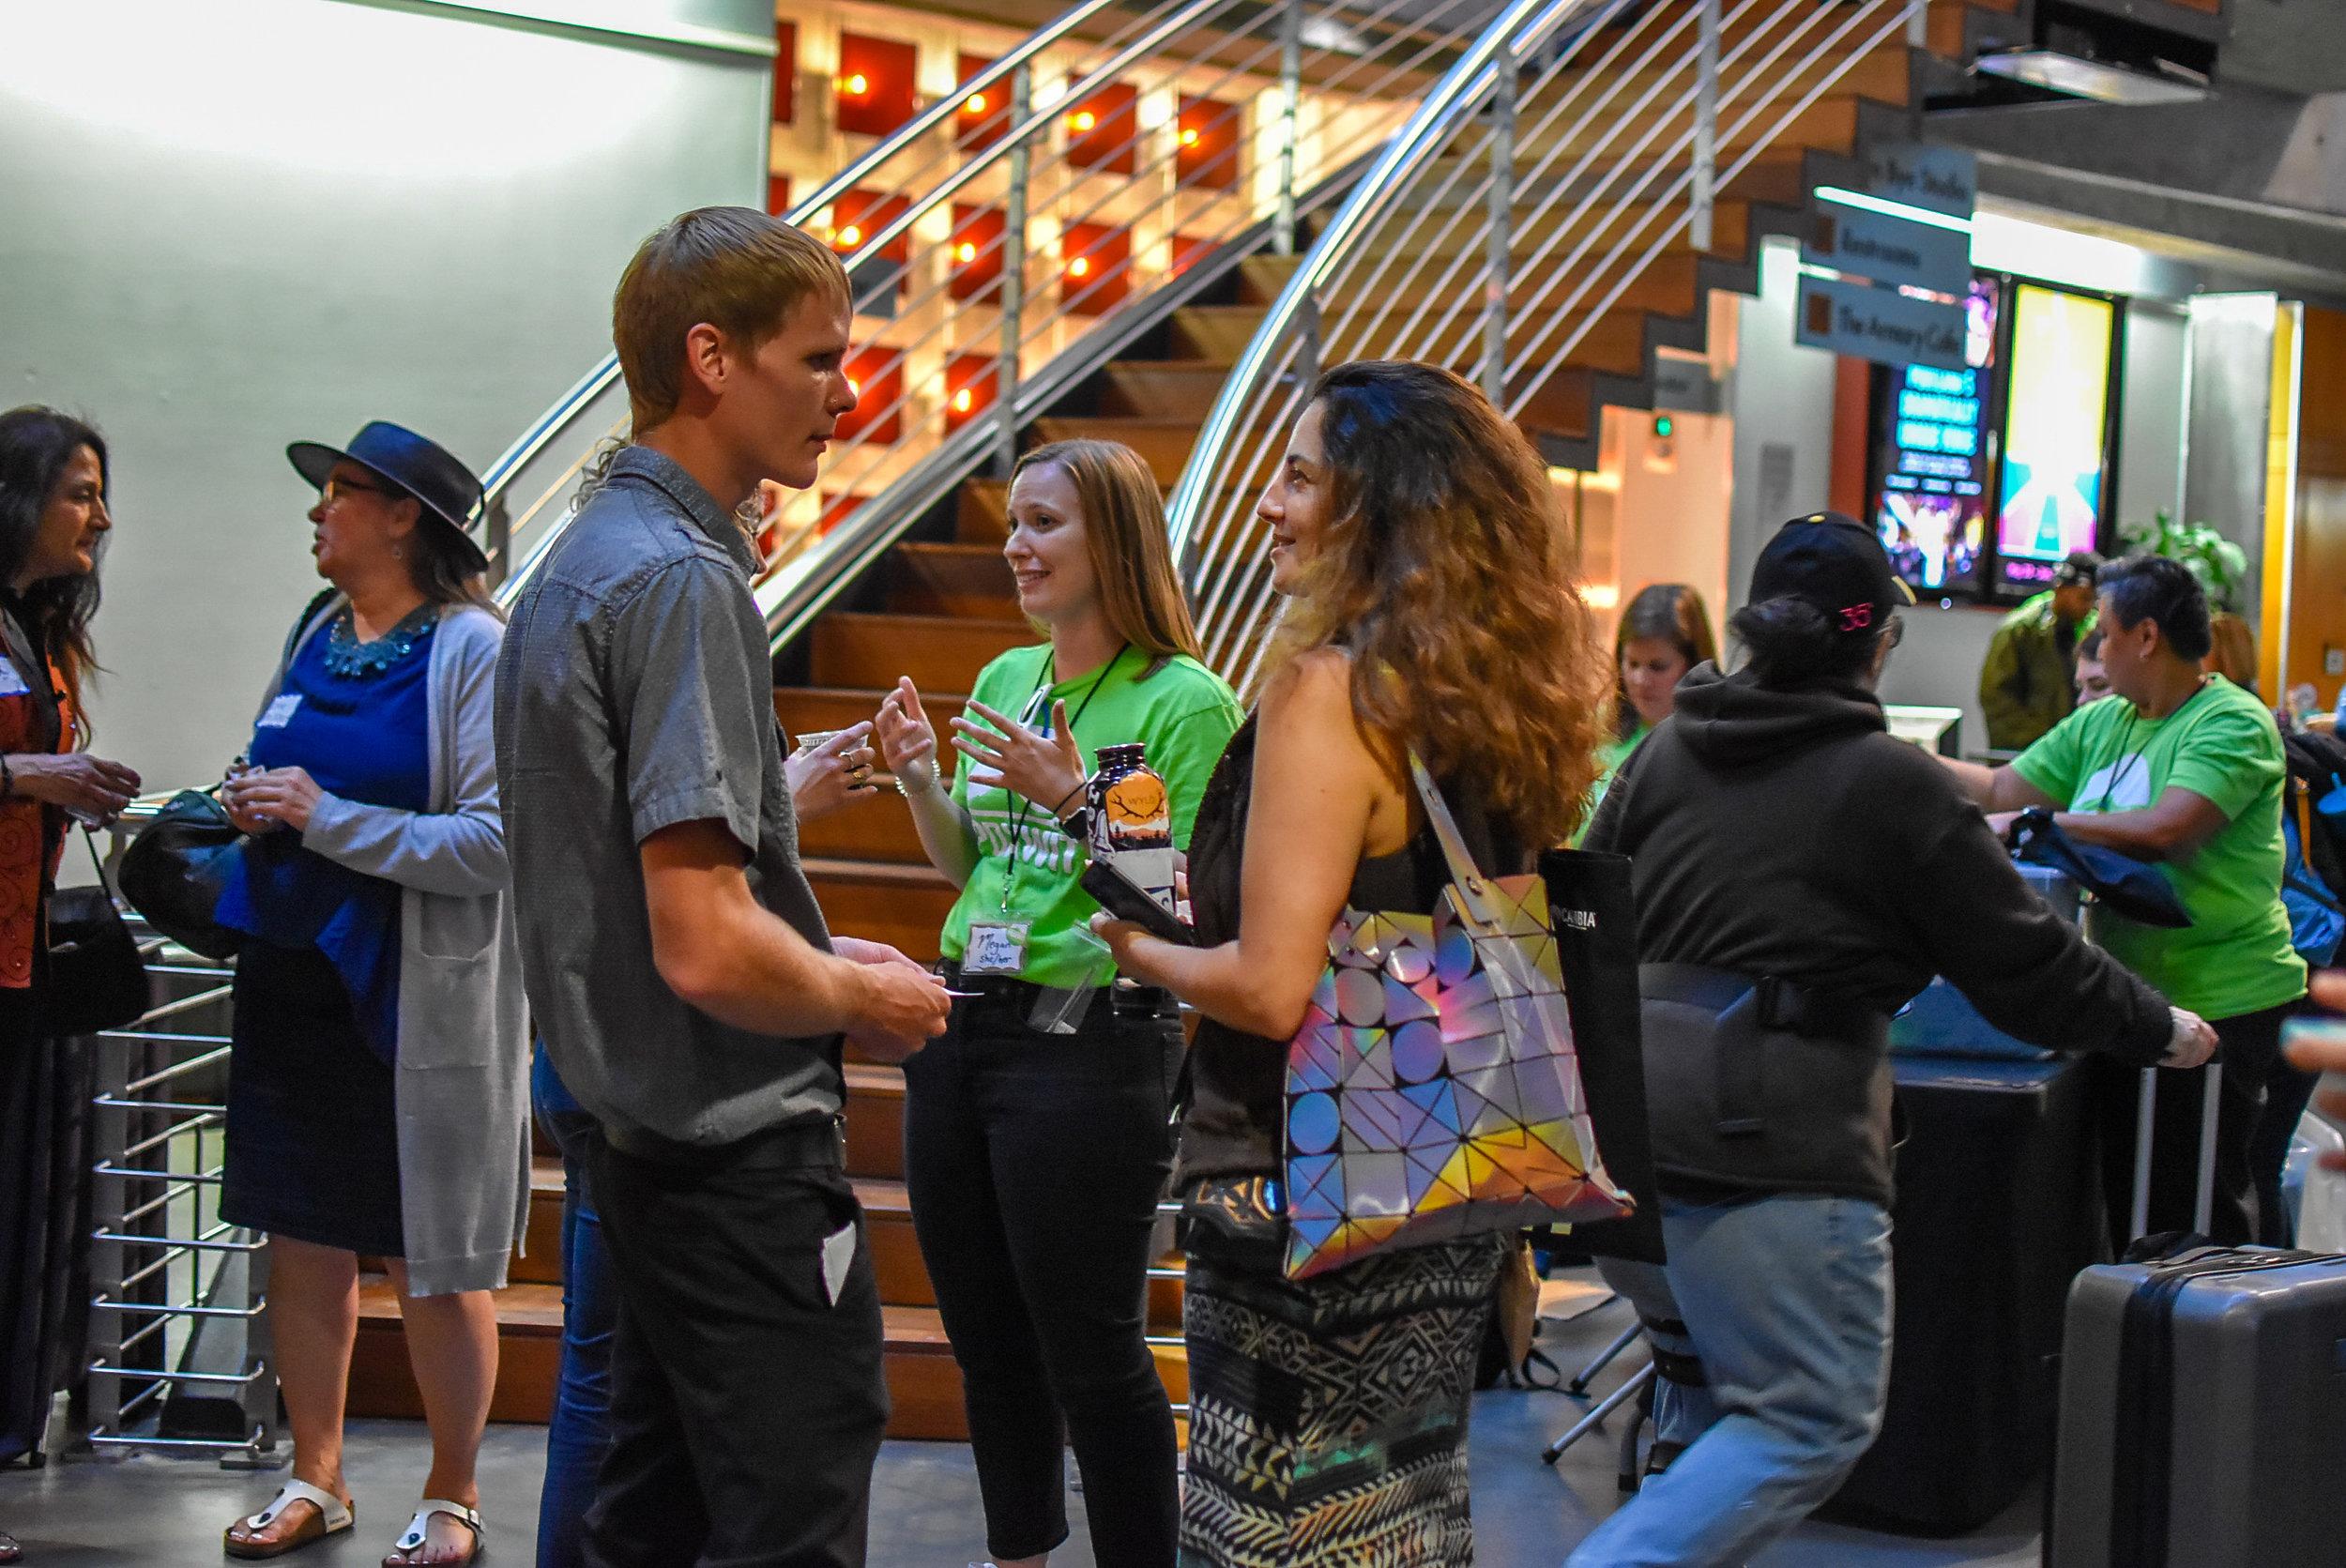 People chatting.JPG